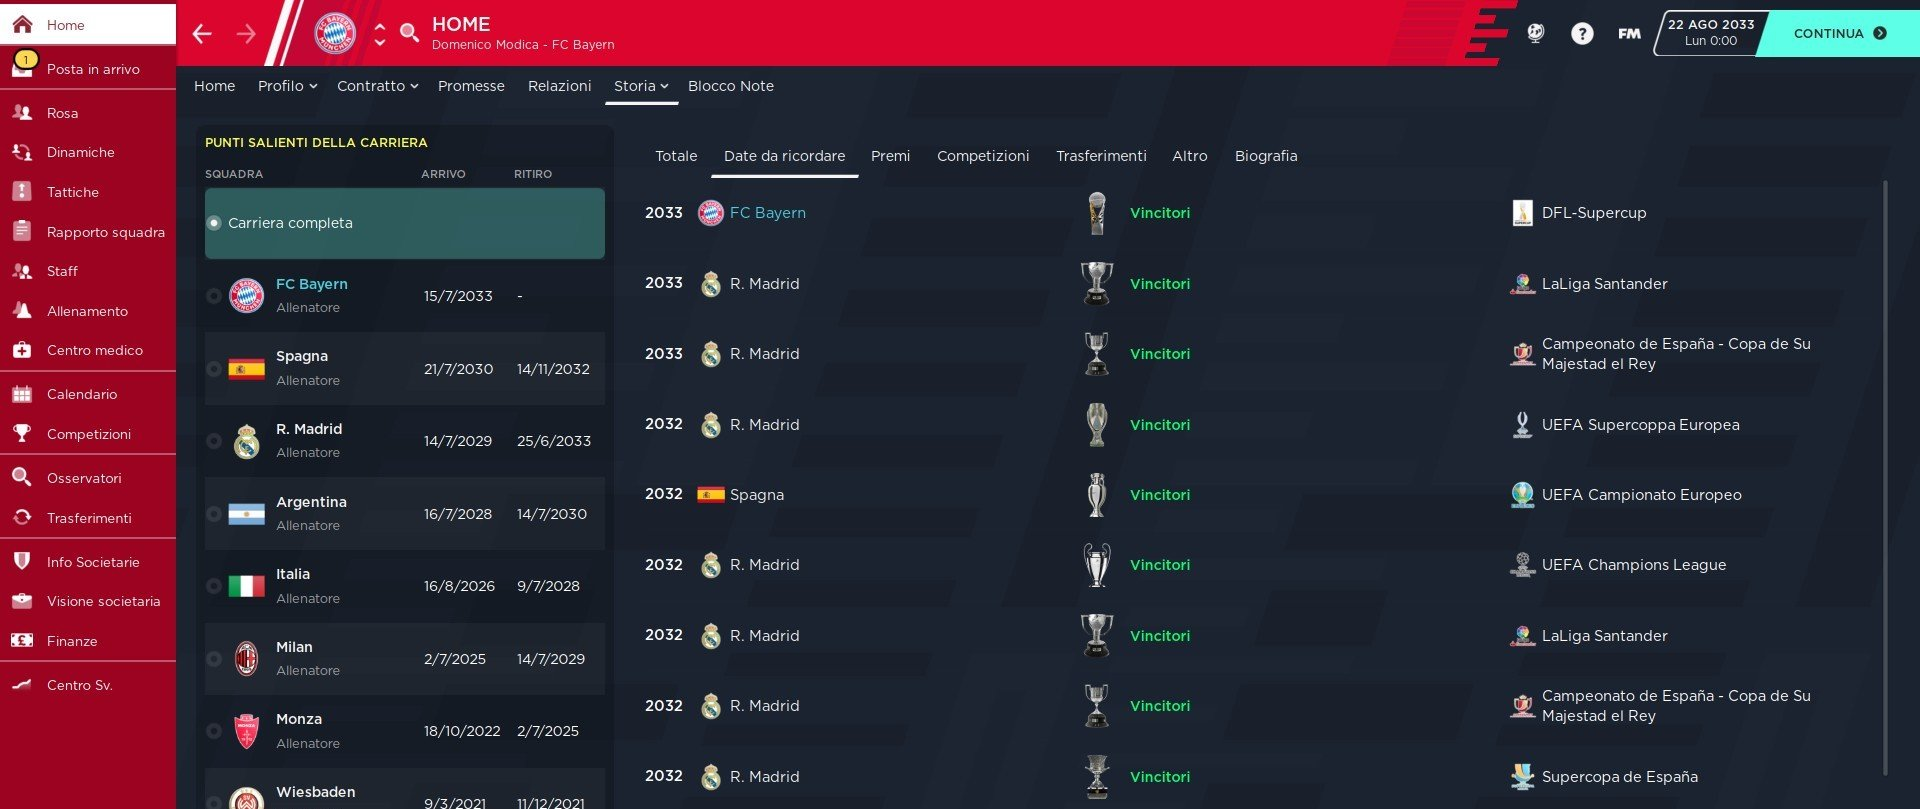 Riepilogo Carriera - 4 stagioni al Real Madrid per Domenico Modica